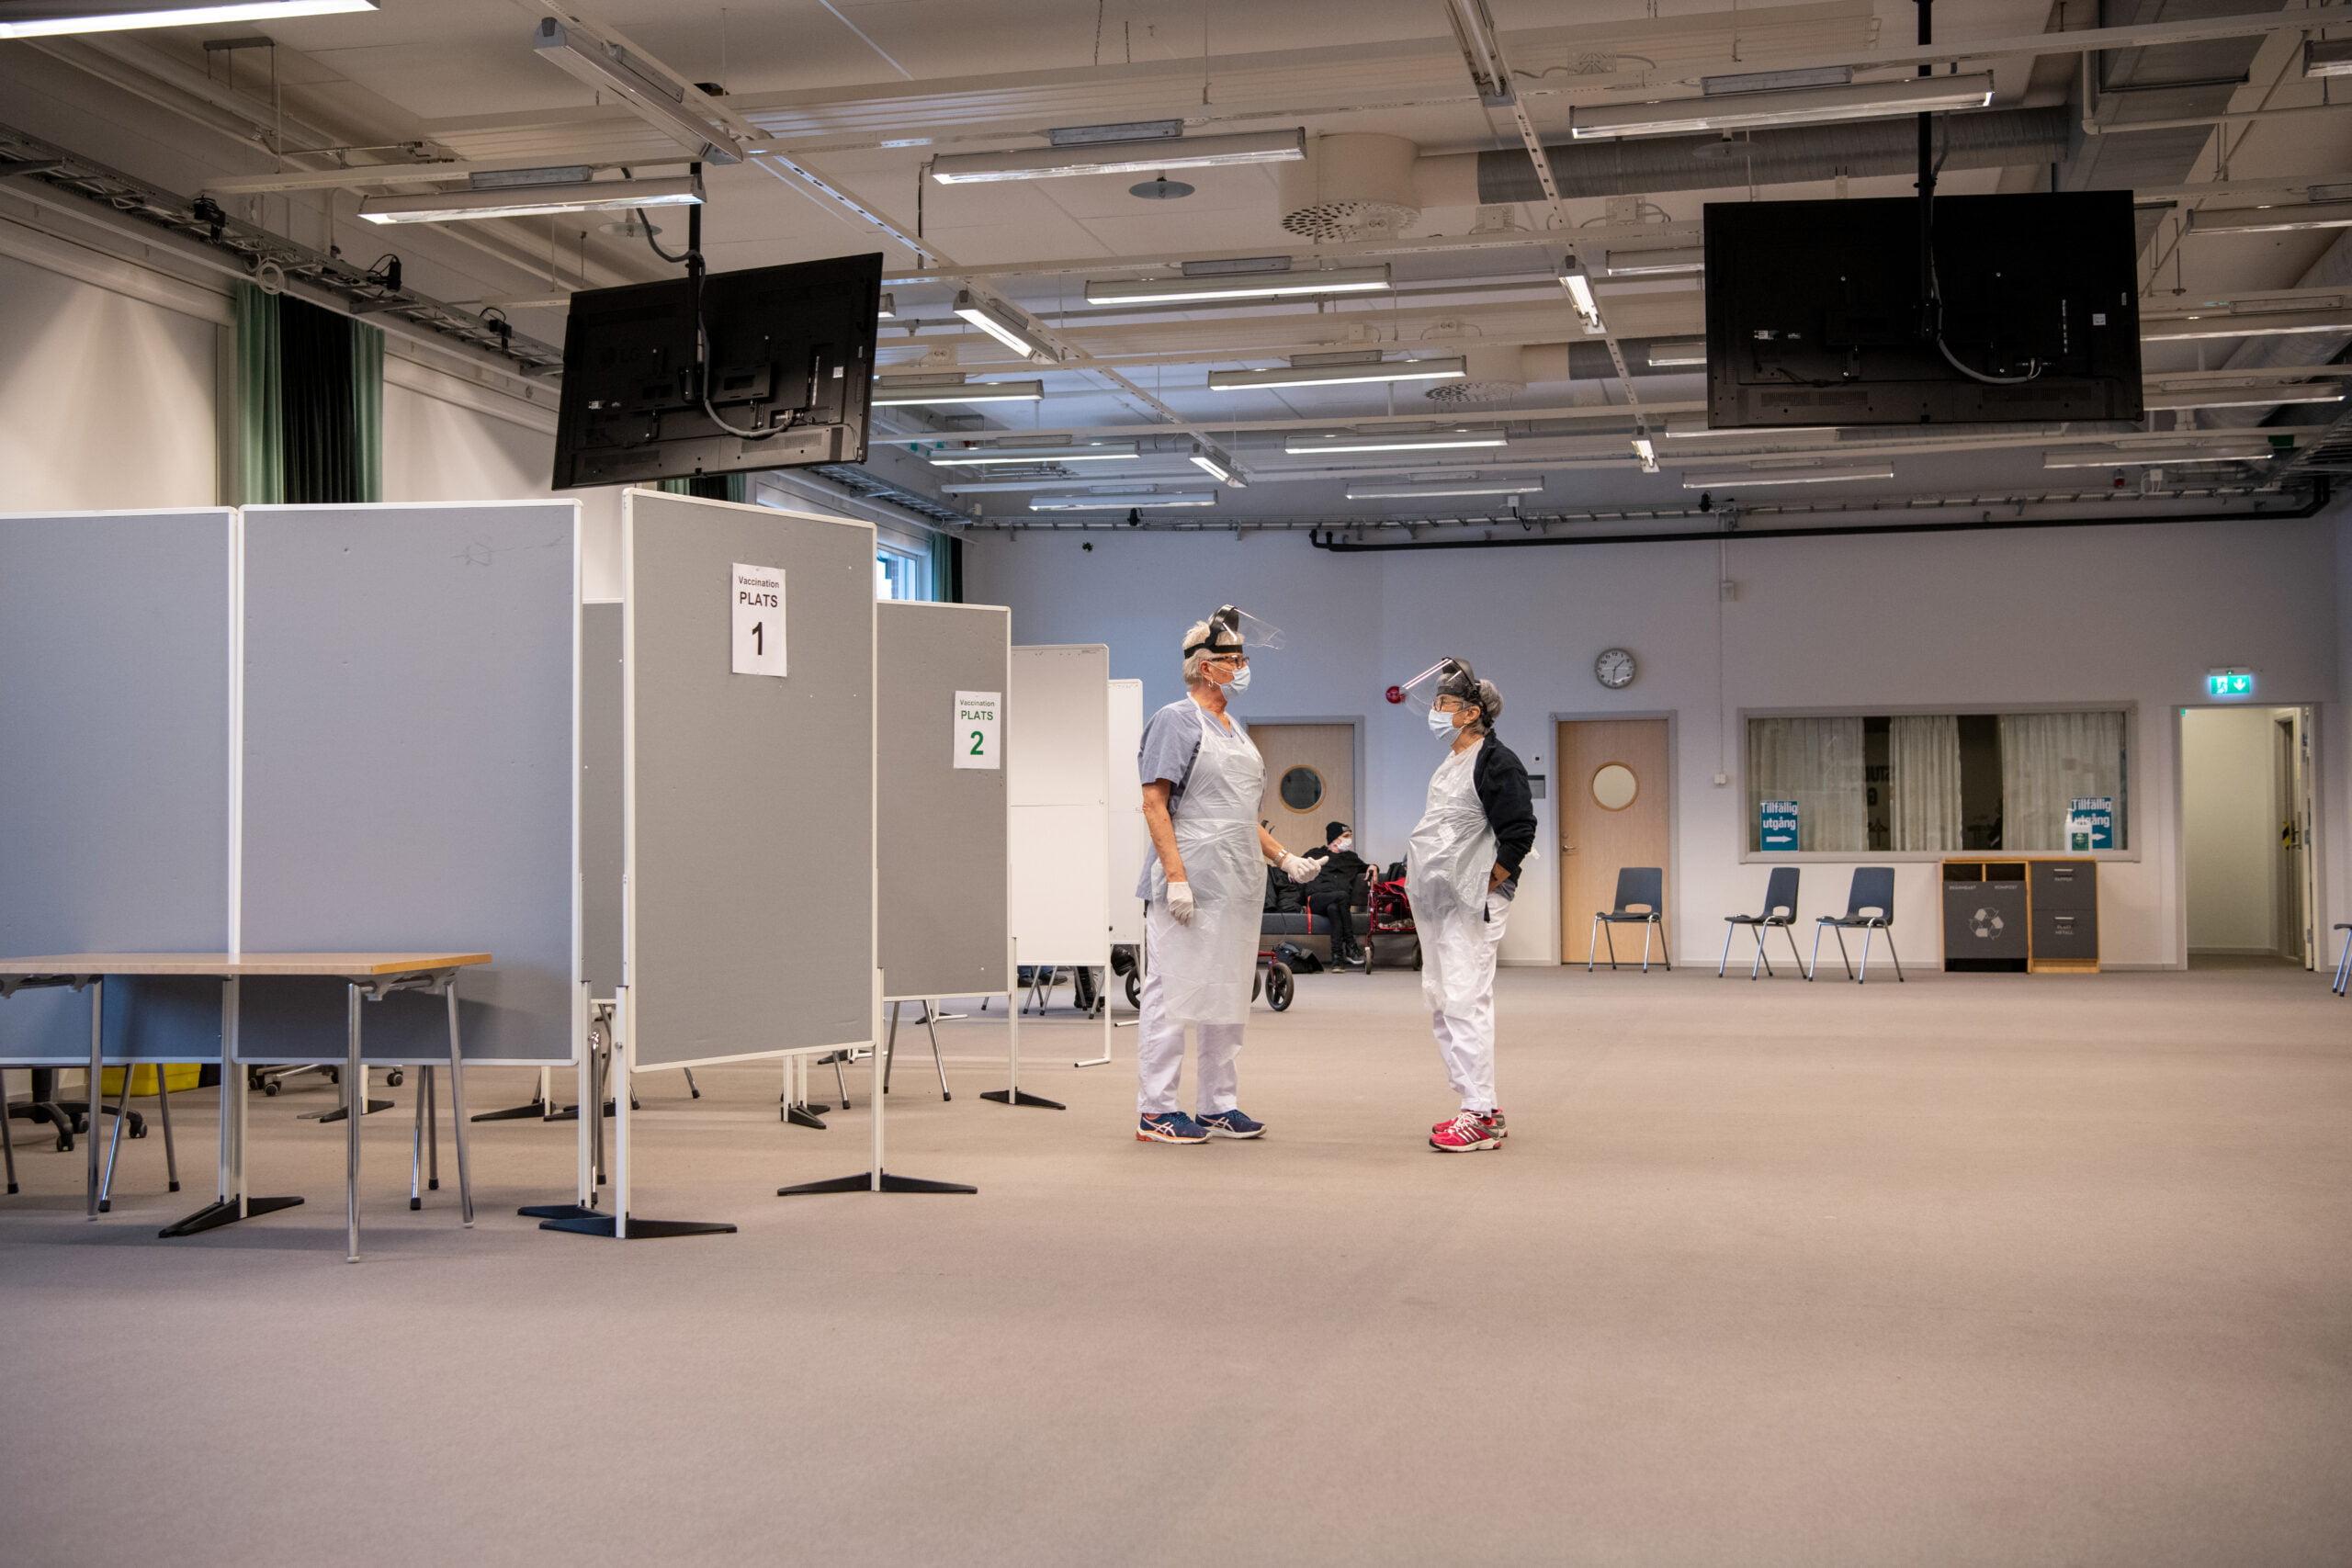 I lokalerna som Högskolan Väst lånar ut finns gott om plats så att vaccineringen kan flyta på både smidigt och smittsäkert.<br /> De vaccinerande sjuksköterskorna Birgitta Bondeson och Viola Svensson väntar på fler patienter. I bakgrunden syns efterväntrummet innanför den tillfälliga utgången. Foto: Kent Eng.